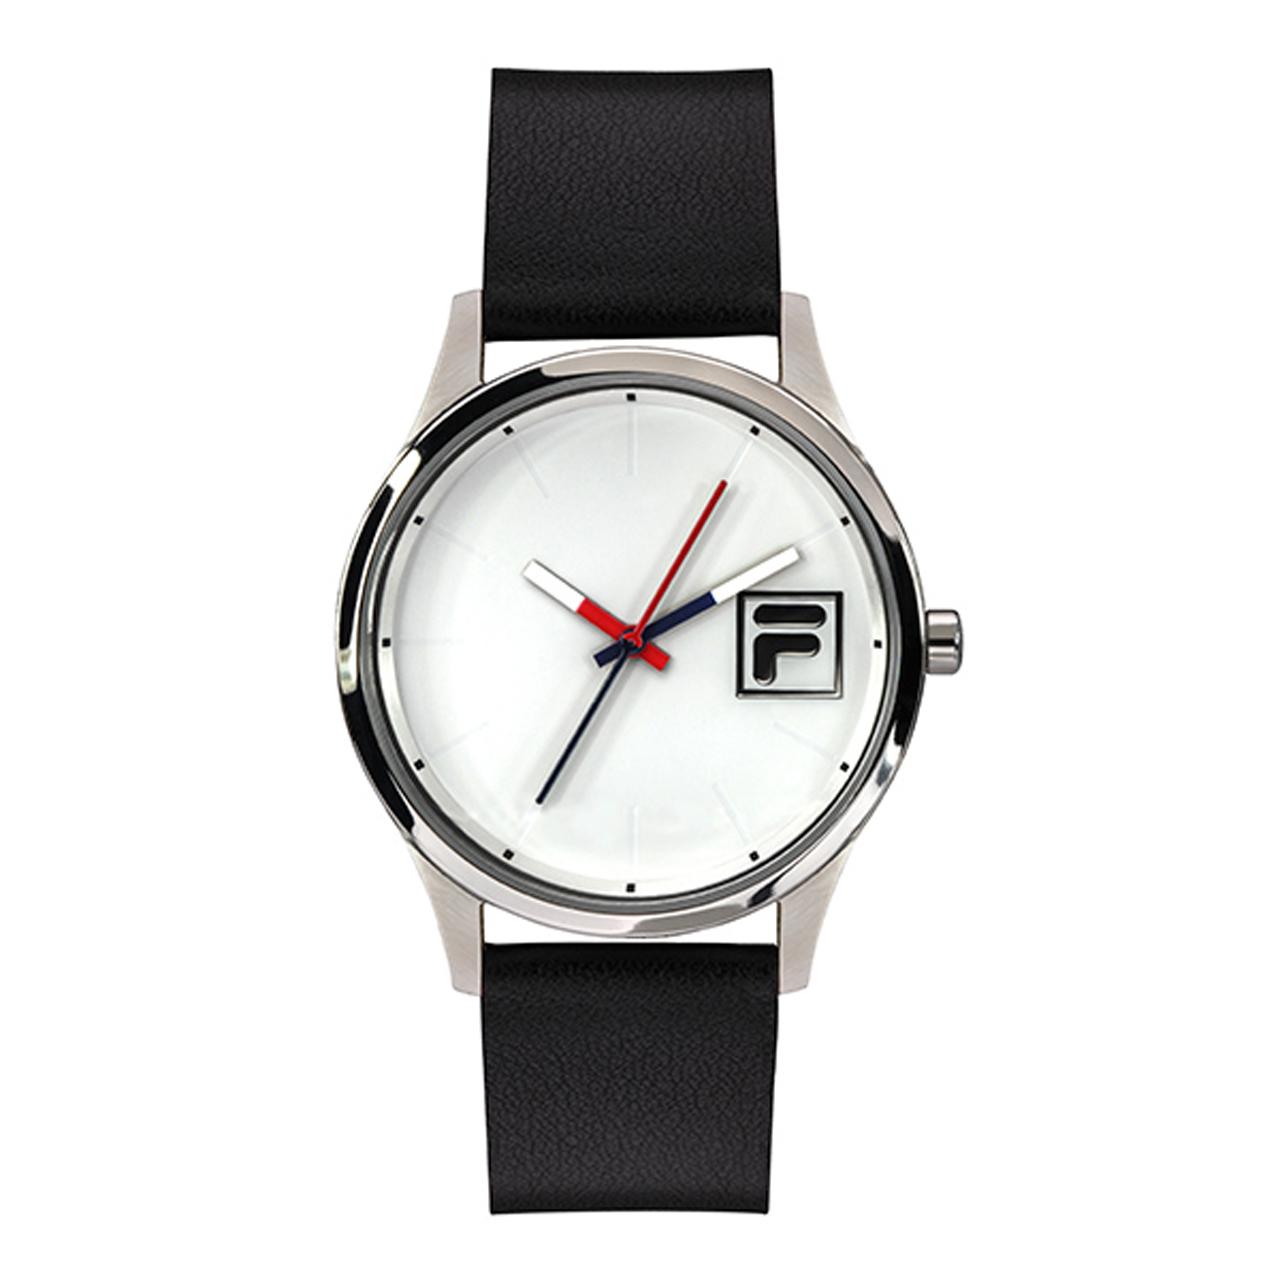 ساعت مچی عقربه ای فیلا مدل 38-116-001